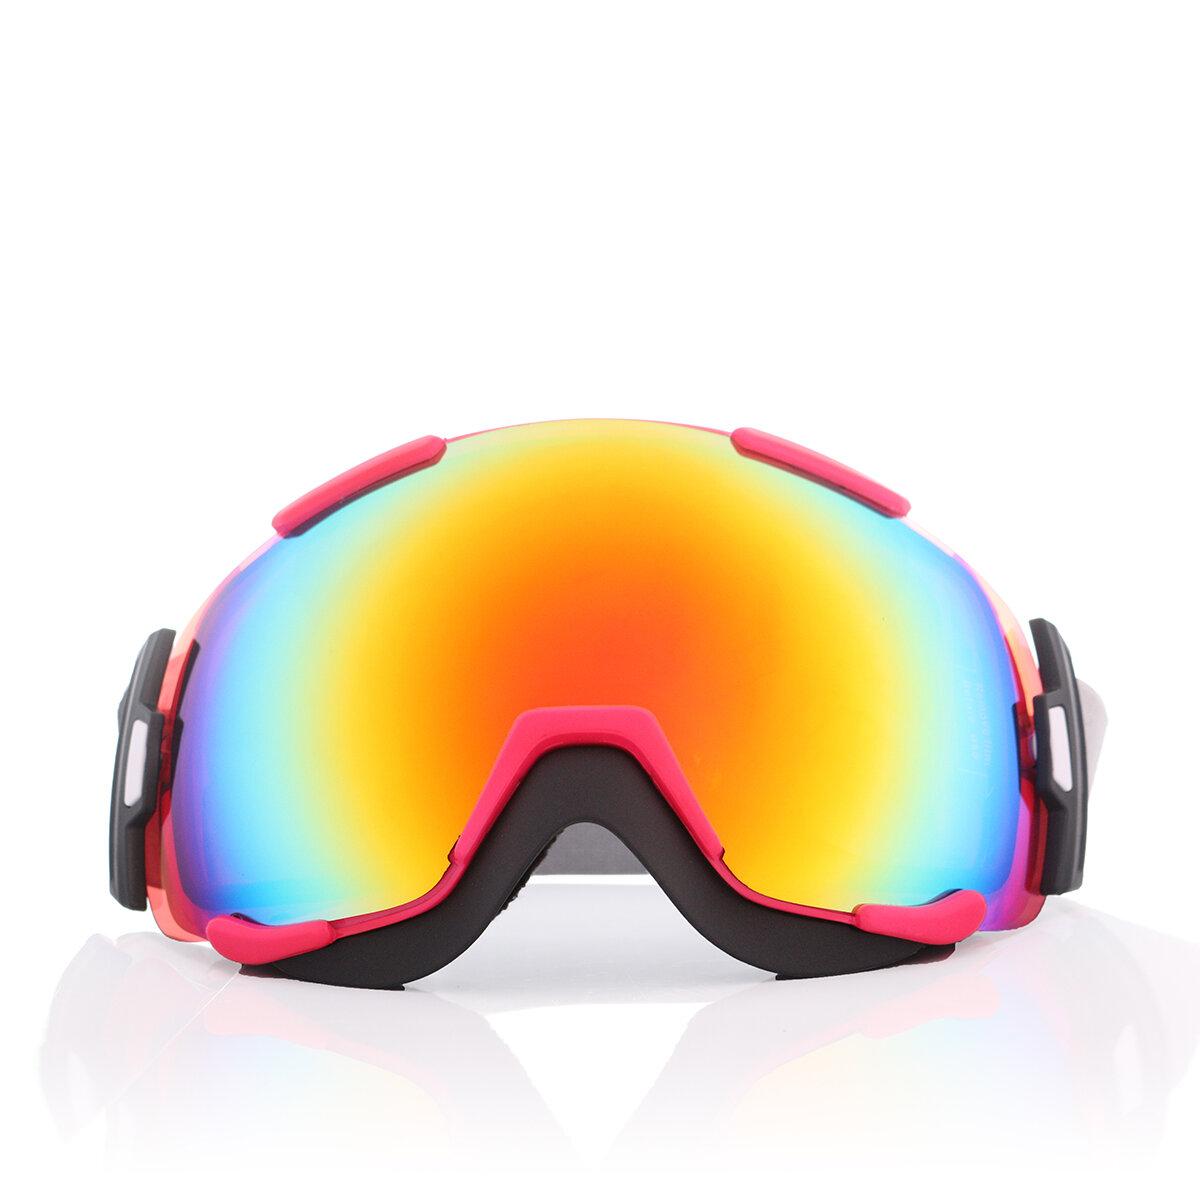 Unisex Outdooors UV lunettes de protection Ski moto équitation anti-brouillard miroir lentille